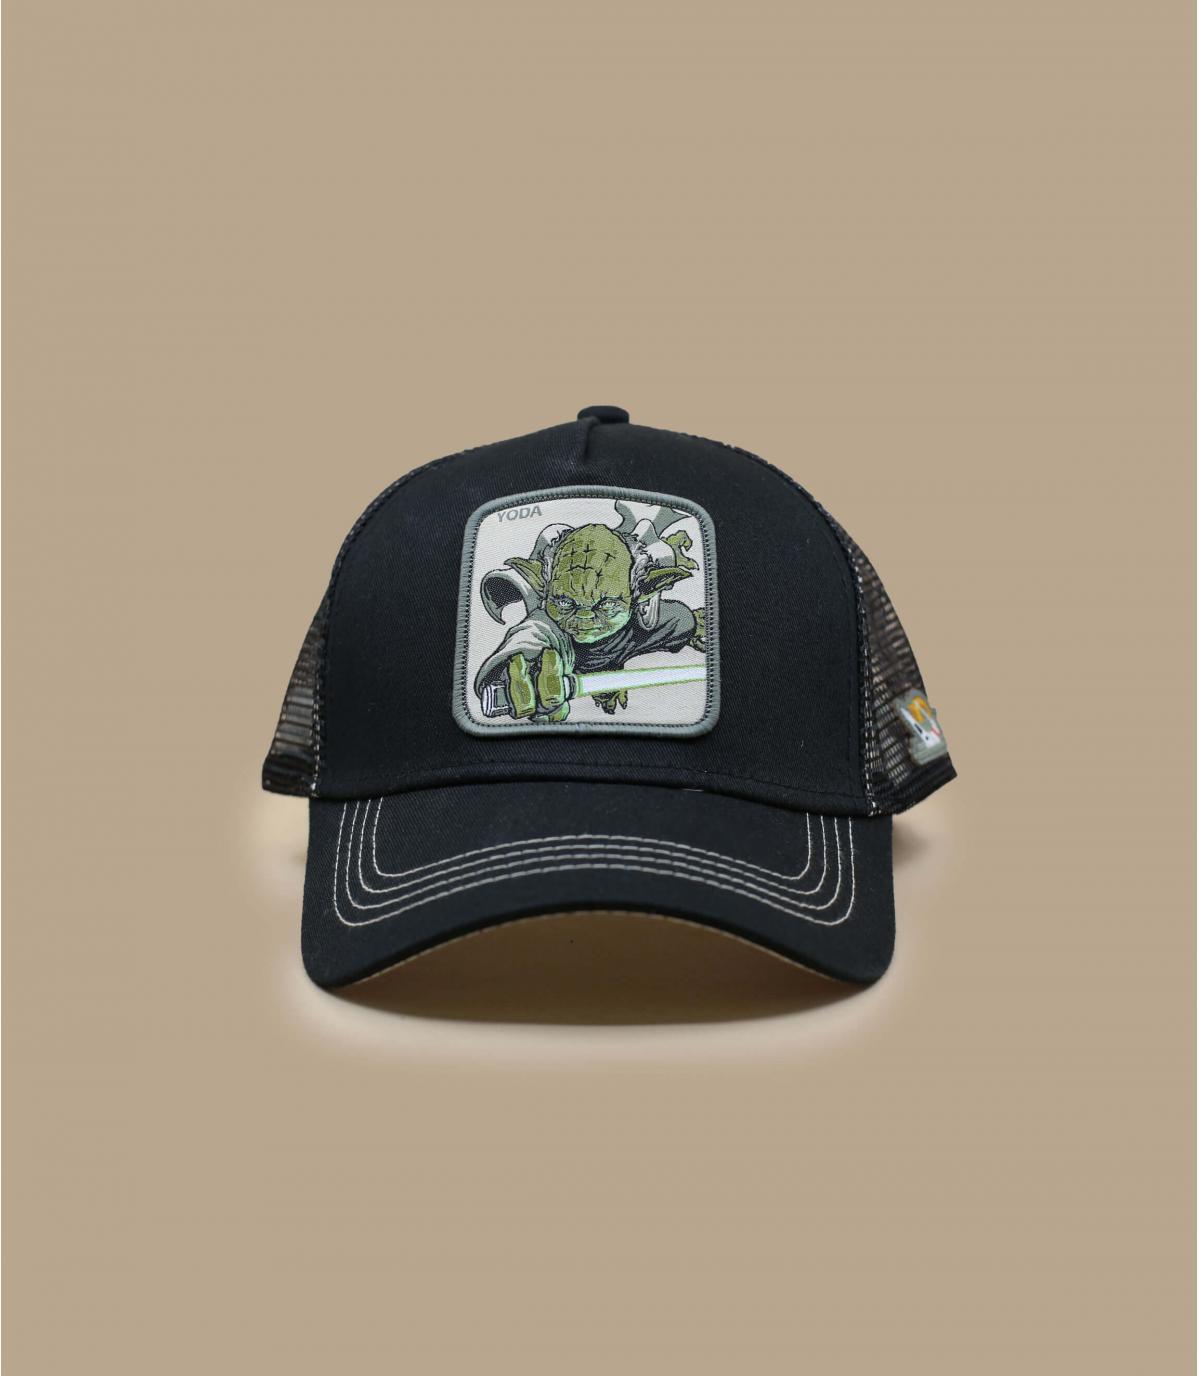 Details Trucker Yoda - Abbildung 2